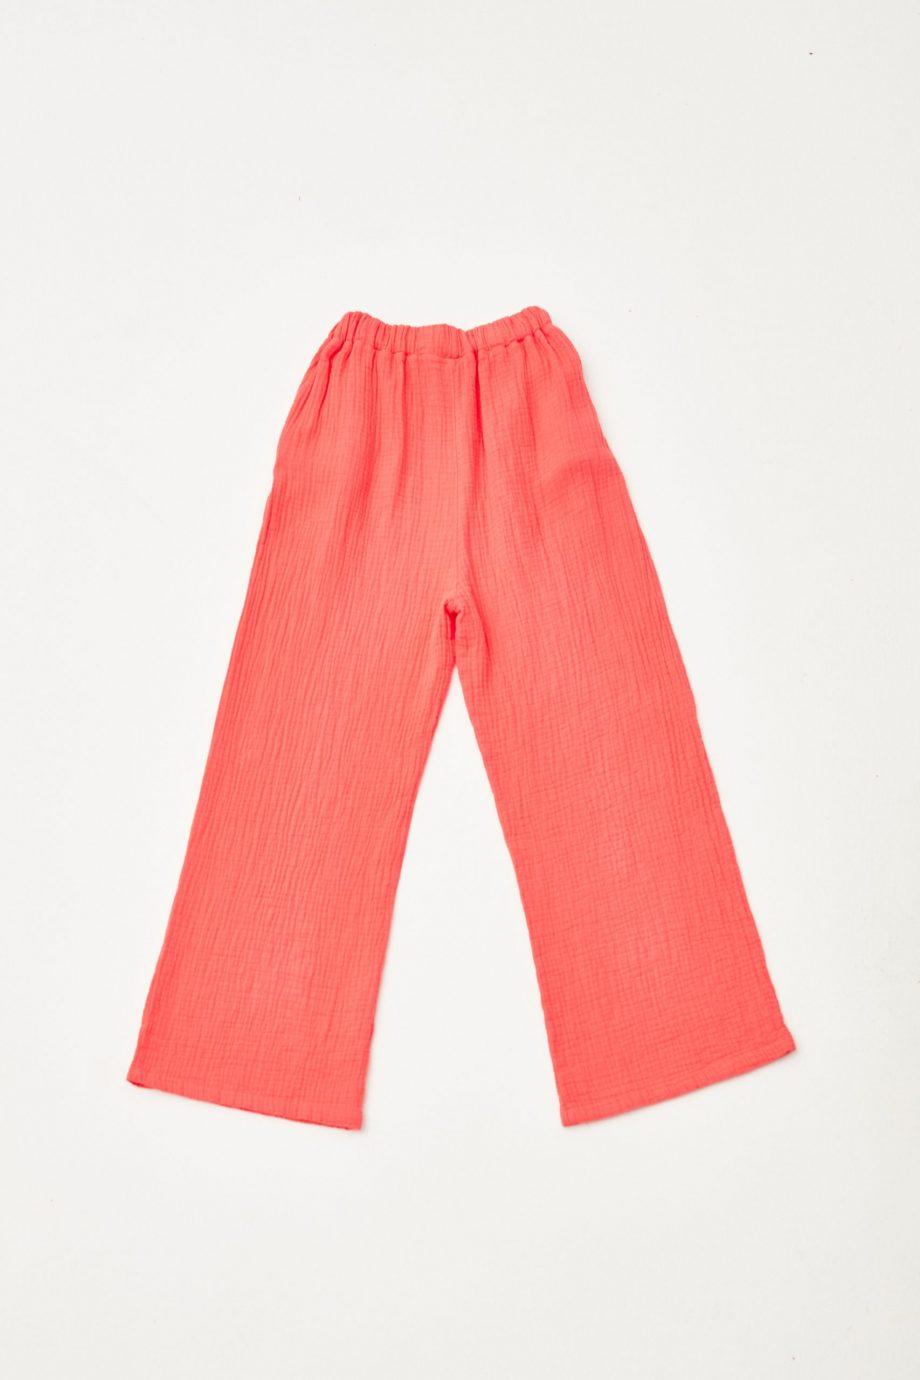 Red Bambula Pants back